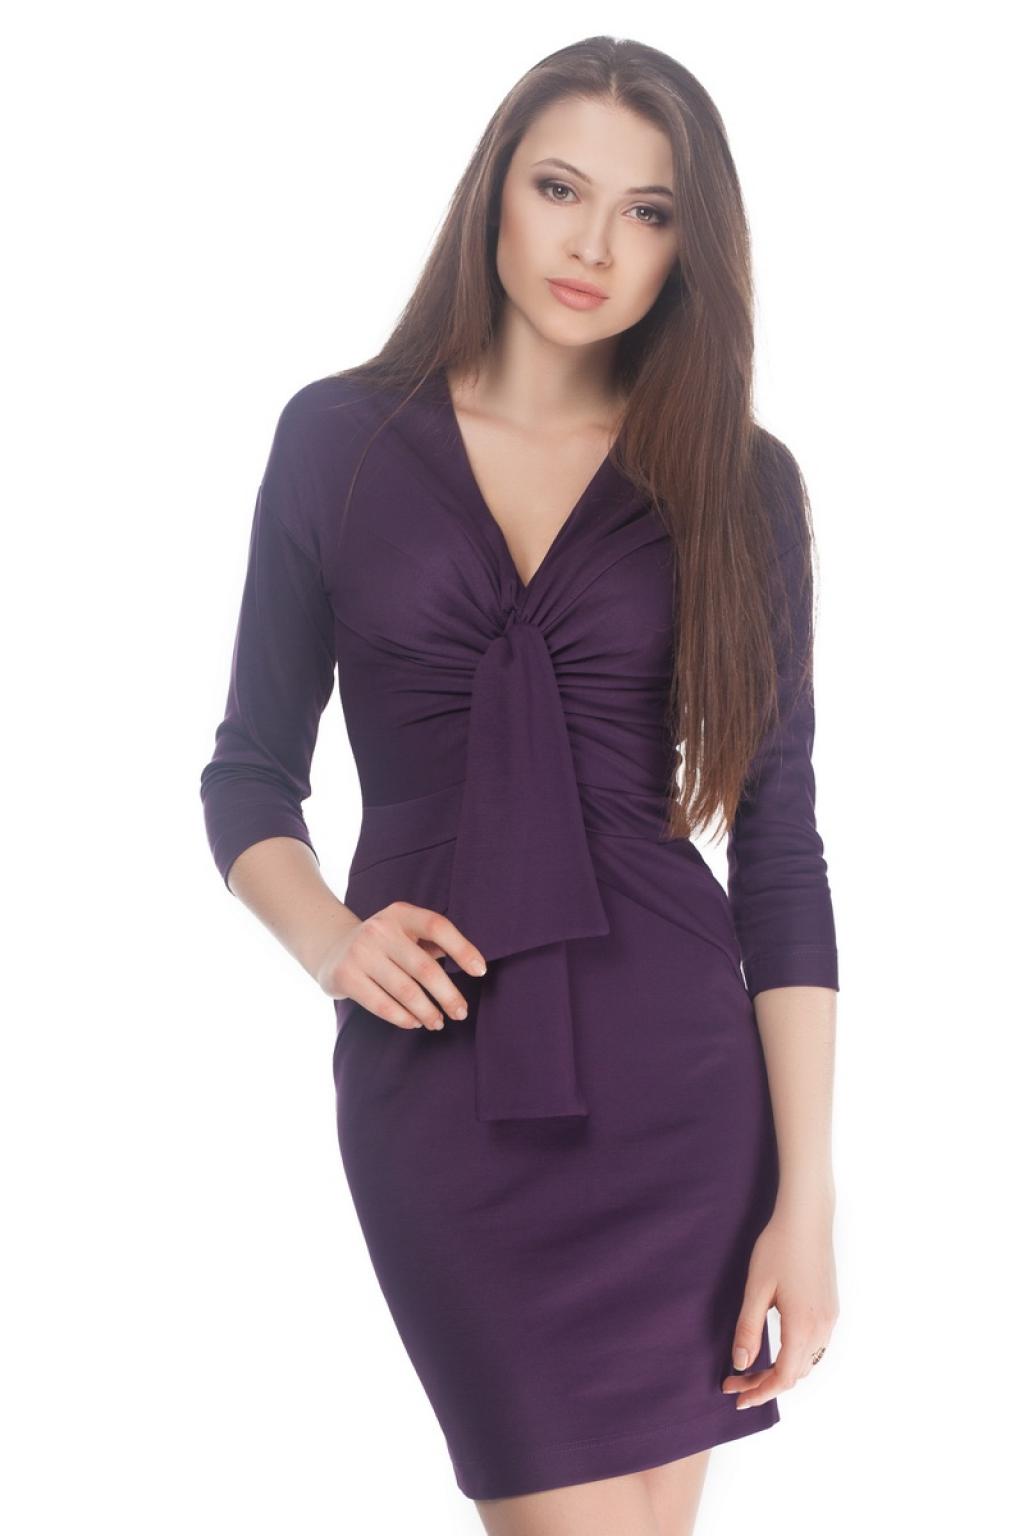 Женская Одежда Украина Интернет Магазин